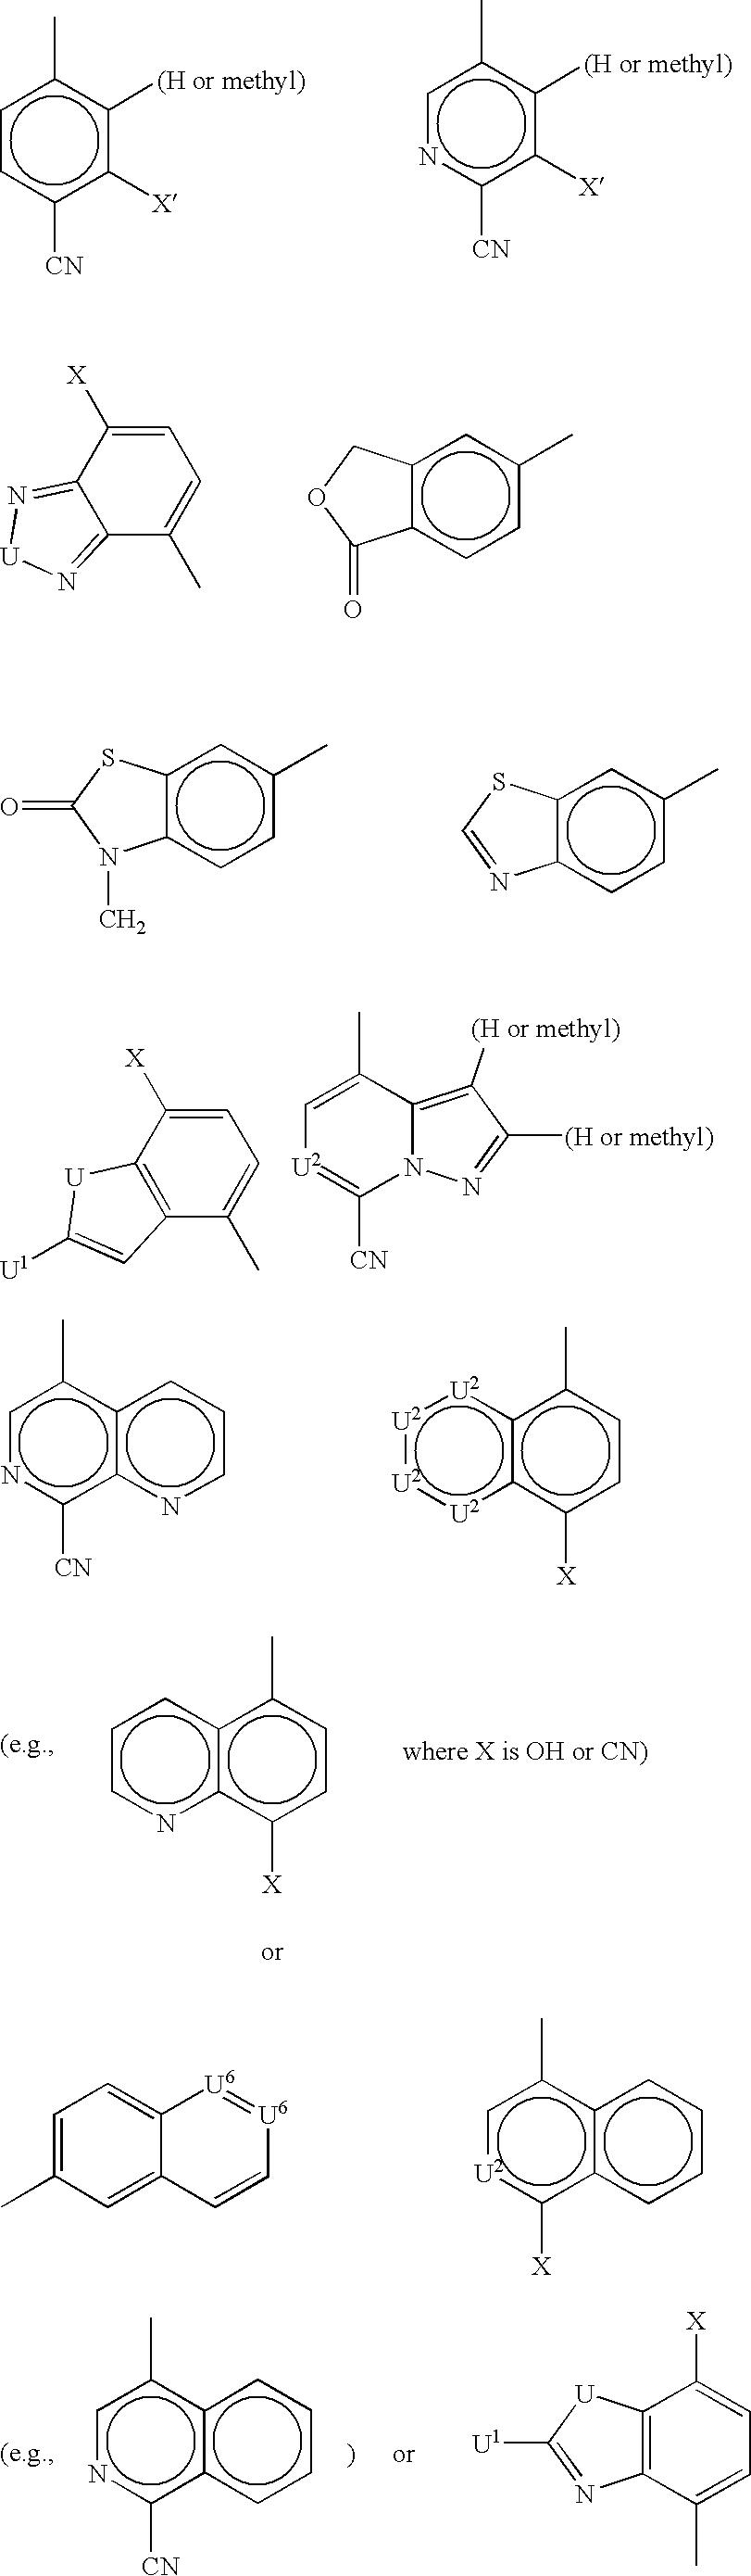 Figure US07655689-20100202-C00022